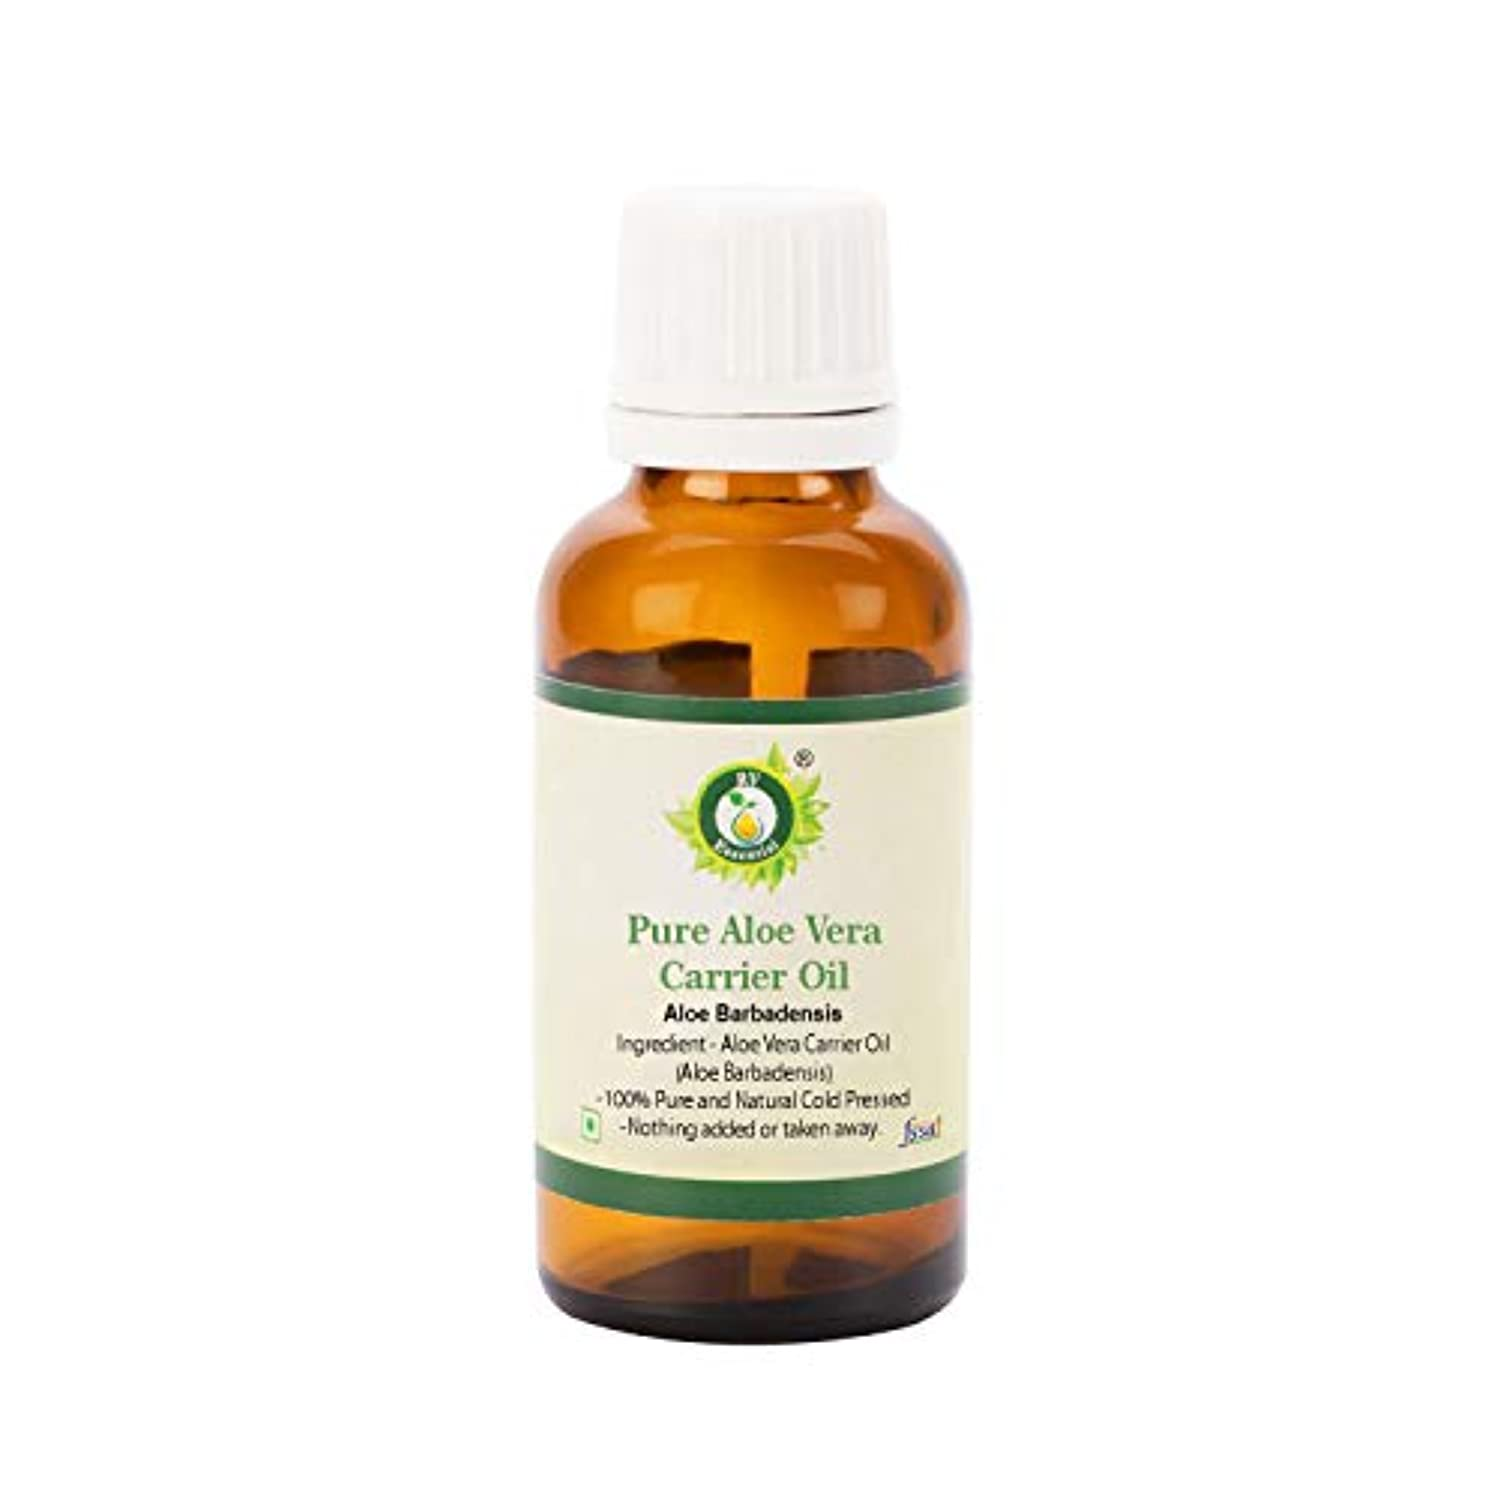 アンカーきょうだい良心R V Essential 純粋なアロエベラキャリアオイル30ml (1.01oz)- Aloe Barbadensis (100%ピュア&ナチュラルコールドPressed) Pure Aloe Vera Carrier Oil